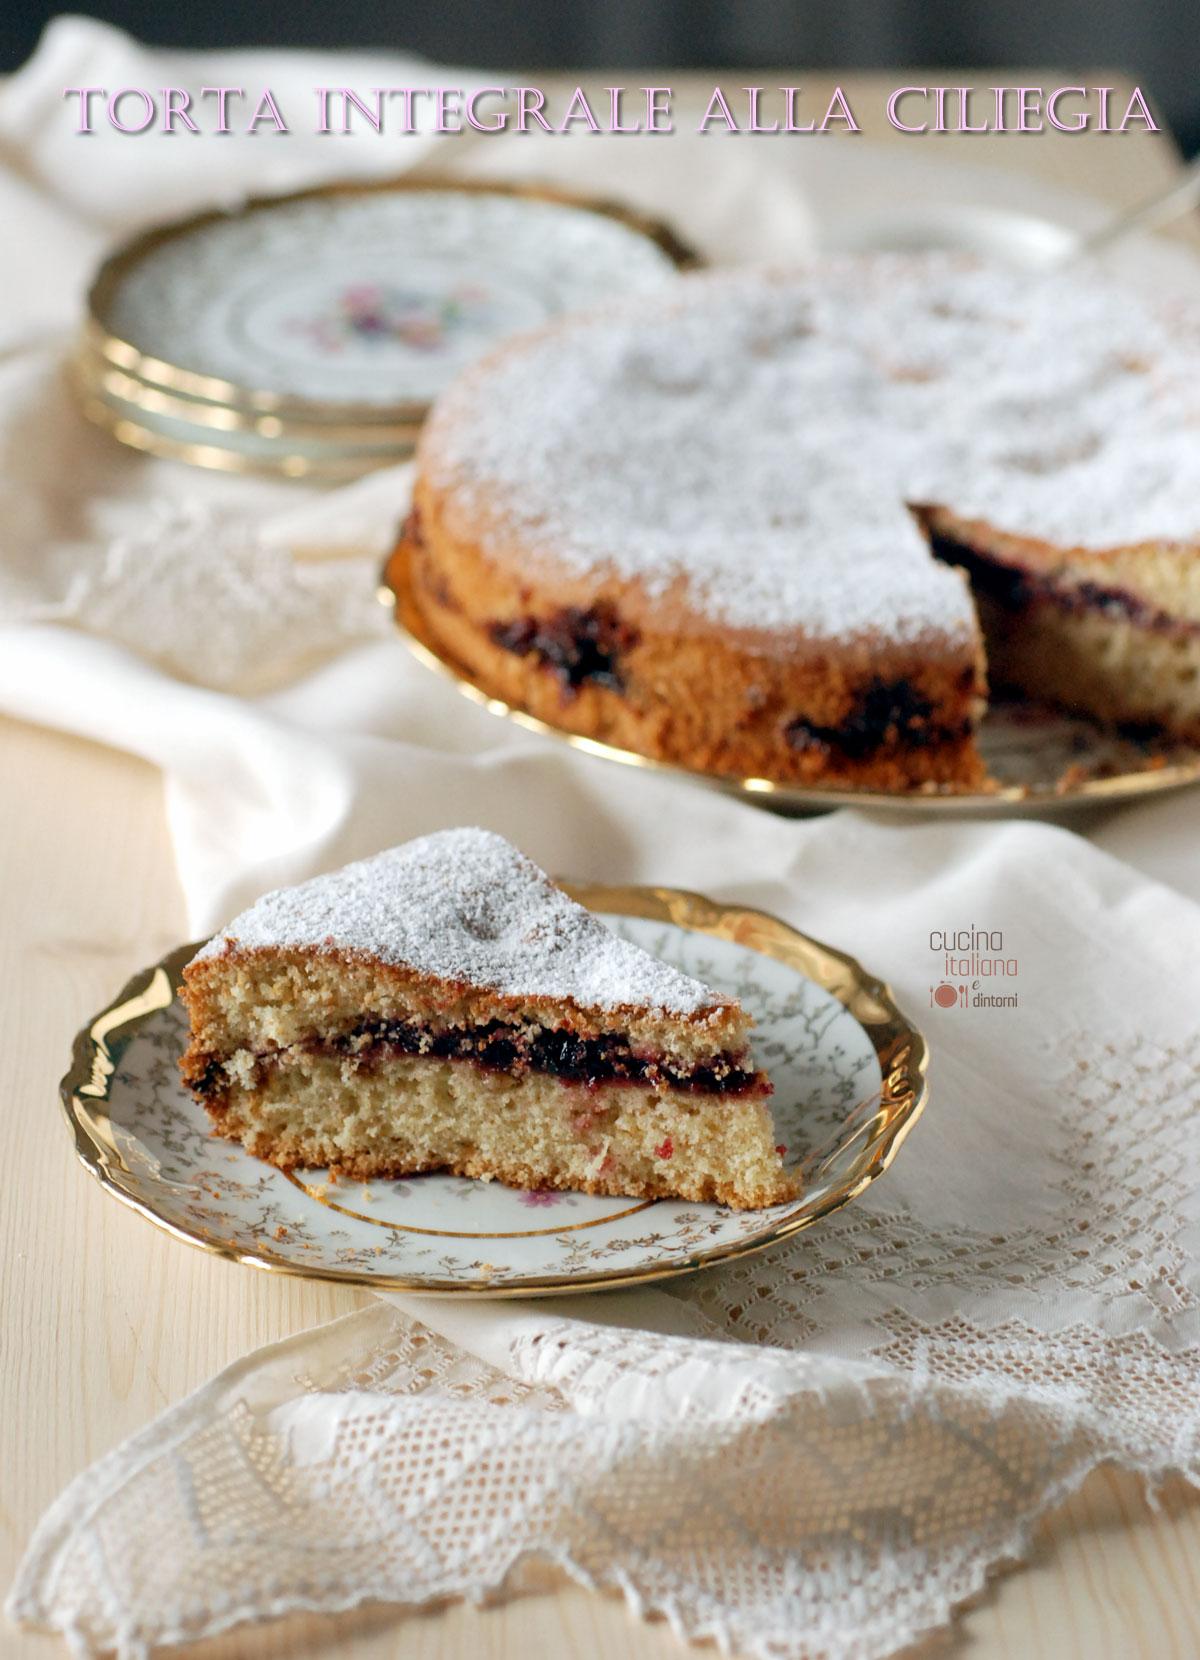 Torta integrale con ripieno alla ciliegia cucina for Sito cucina italiana